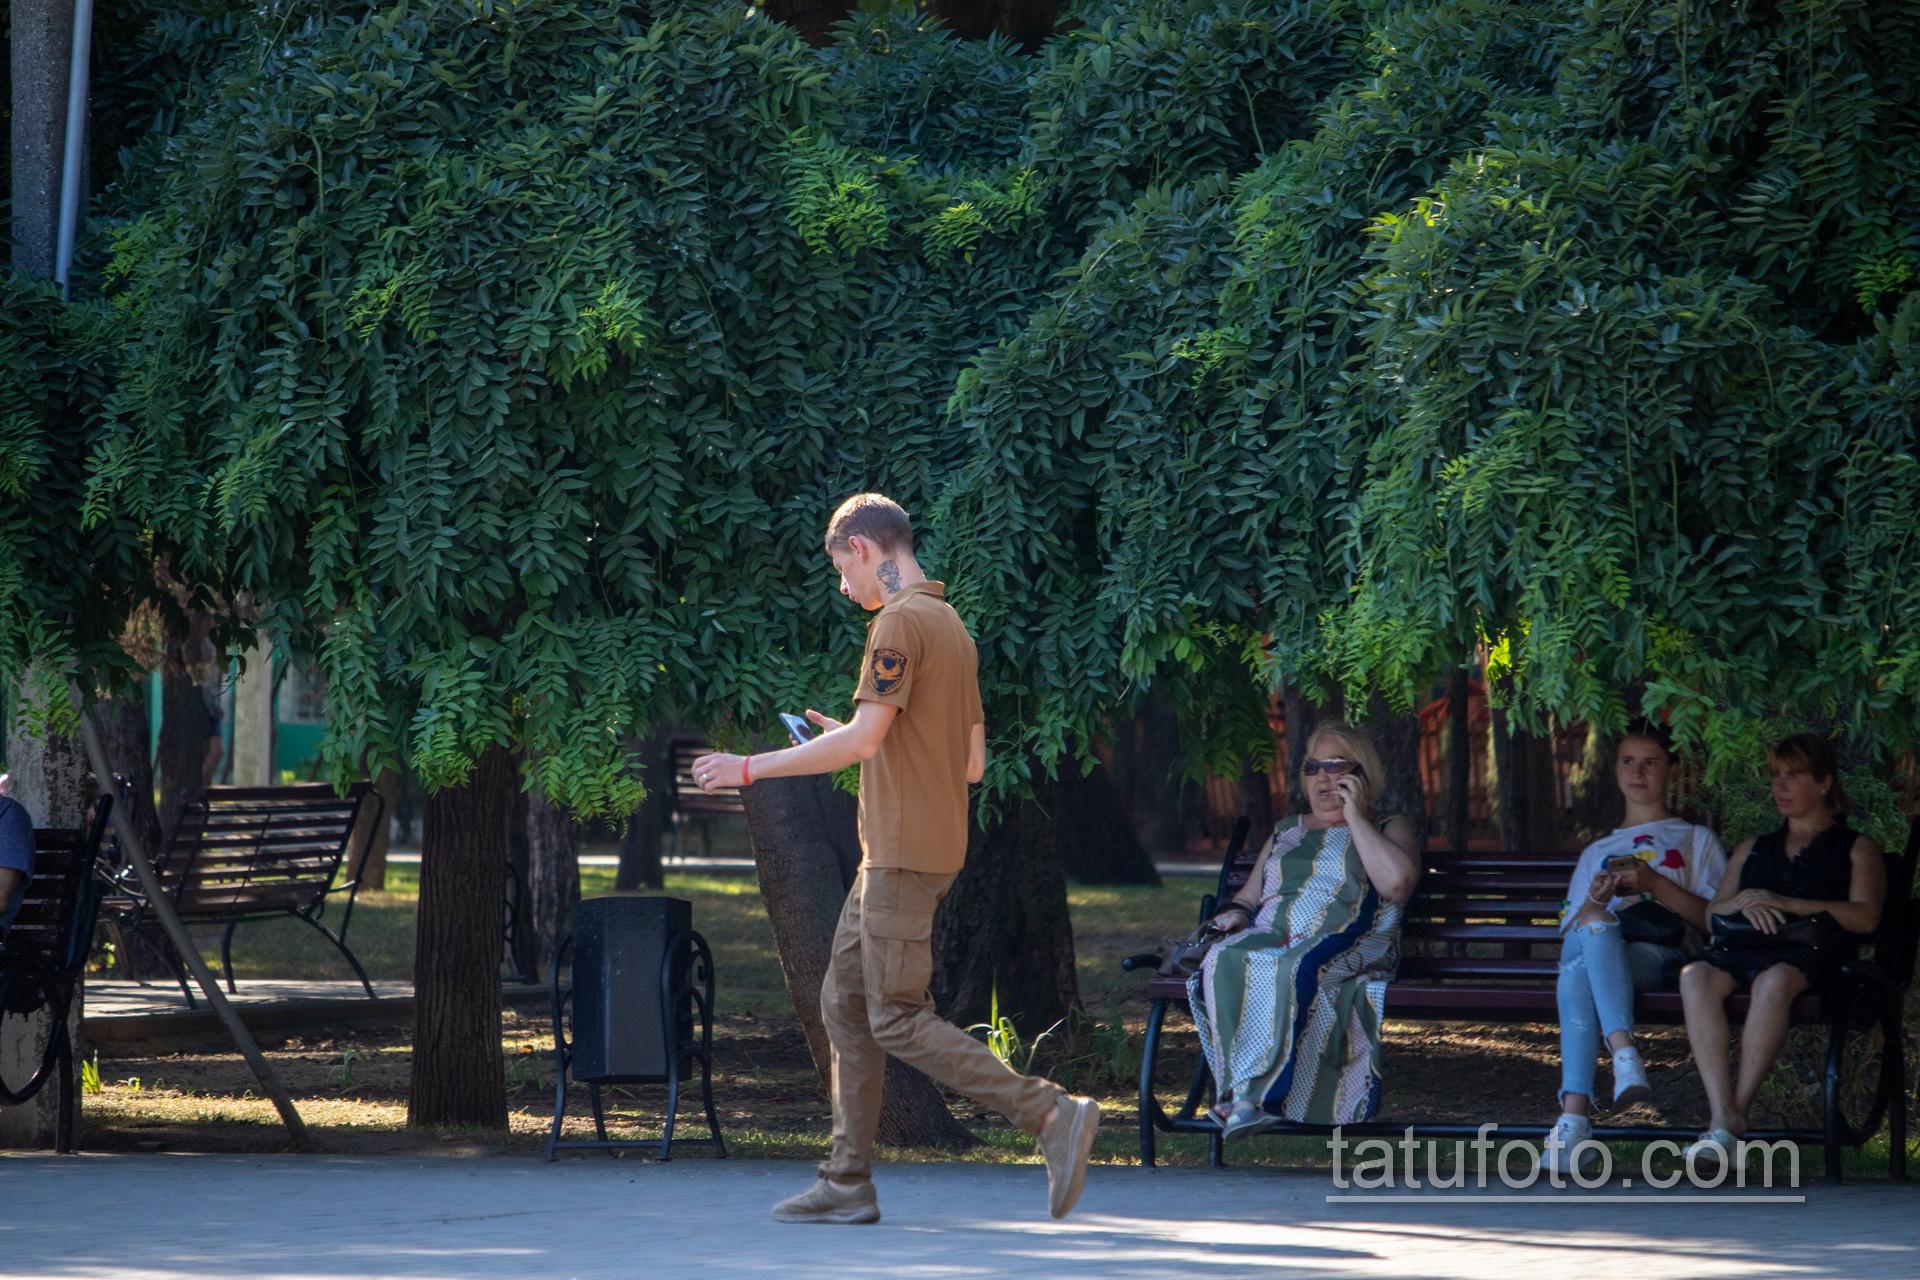 Тату с розой на руке и шее охранника в парке – Уличная татуировка 14.09.2020 – tatufoto.com 7